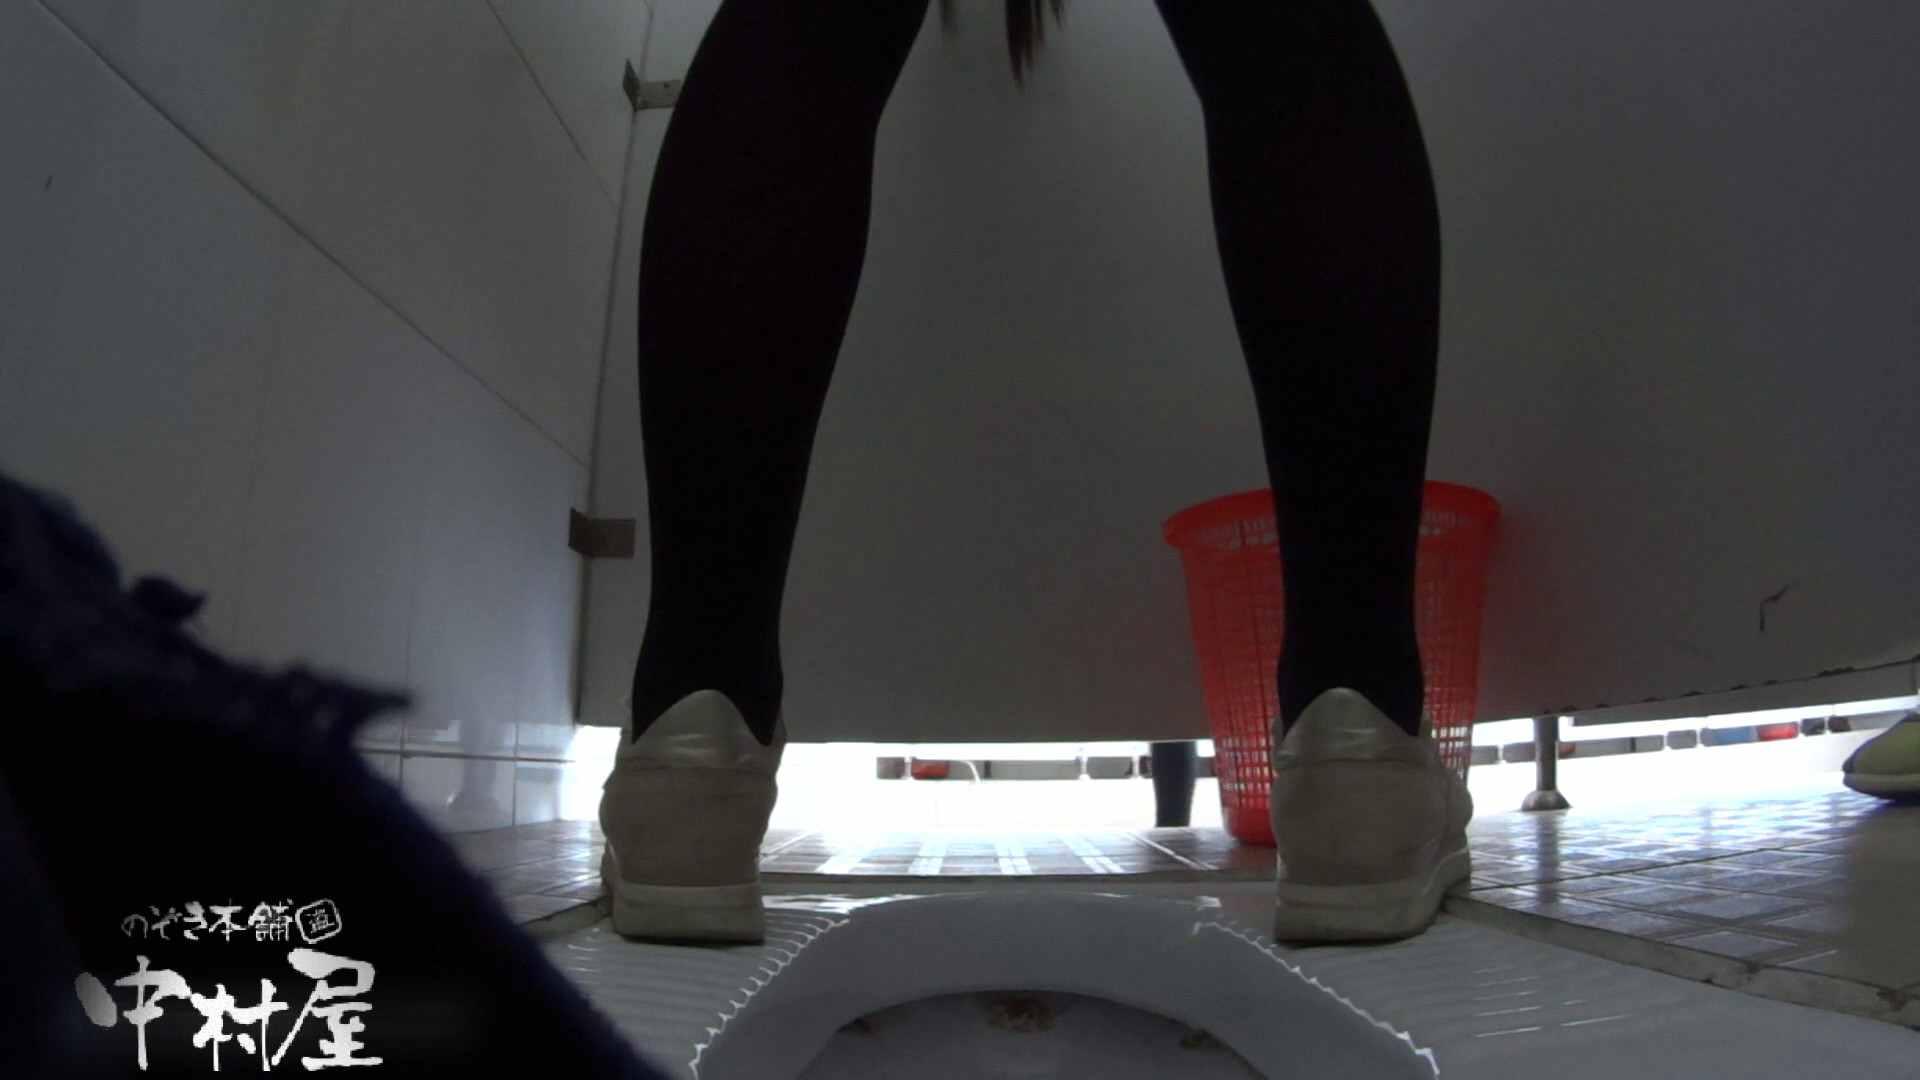 めくれ上がる陰部からの大聖水!大学休憩時間の洗面所事情27 盗撮   洗面所  77枚 9